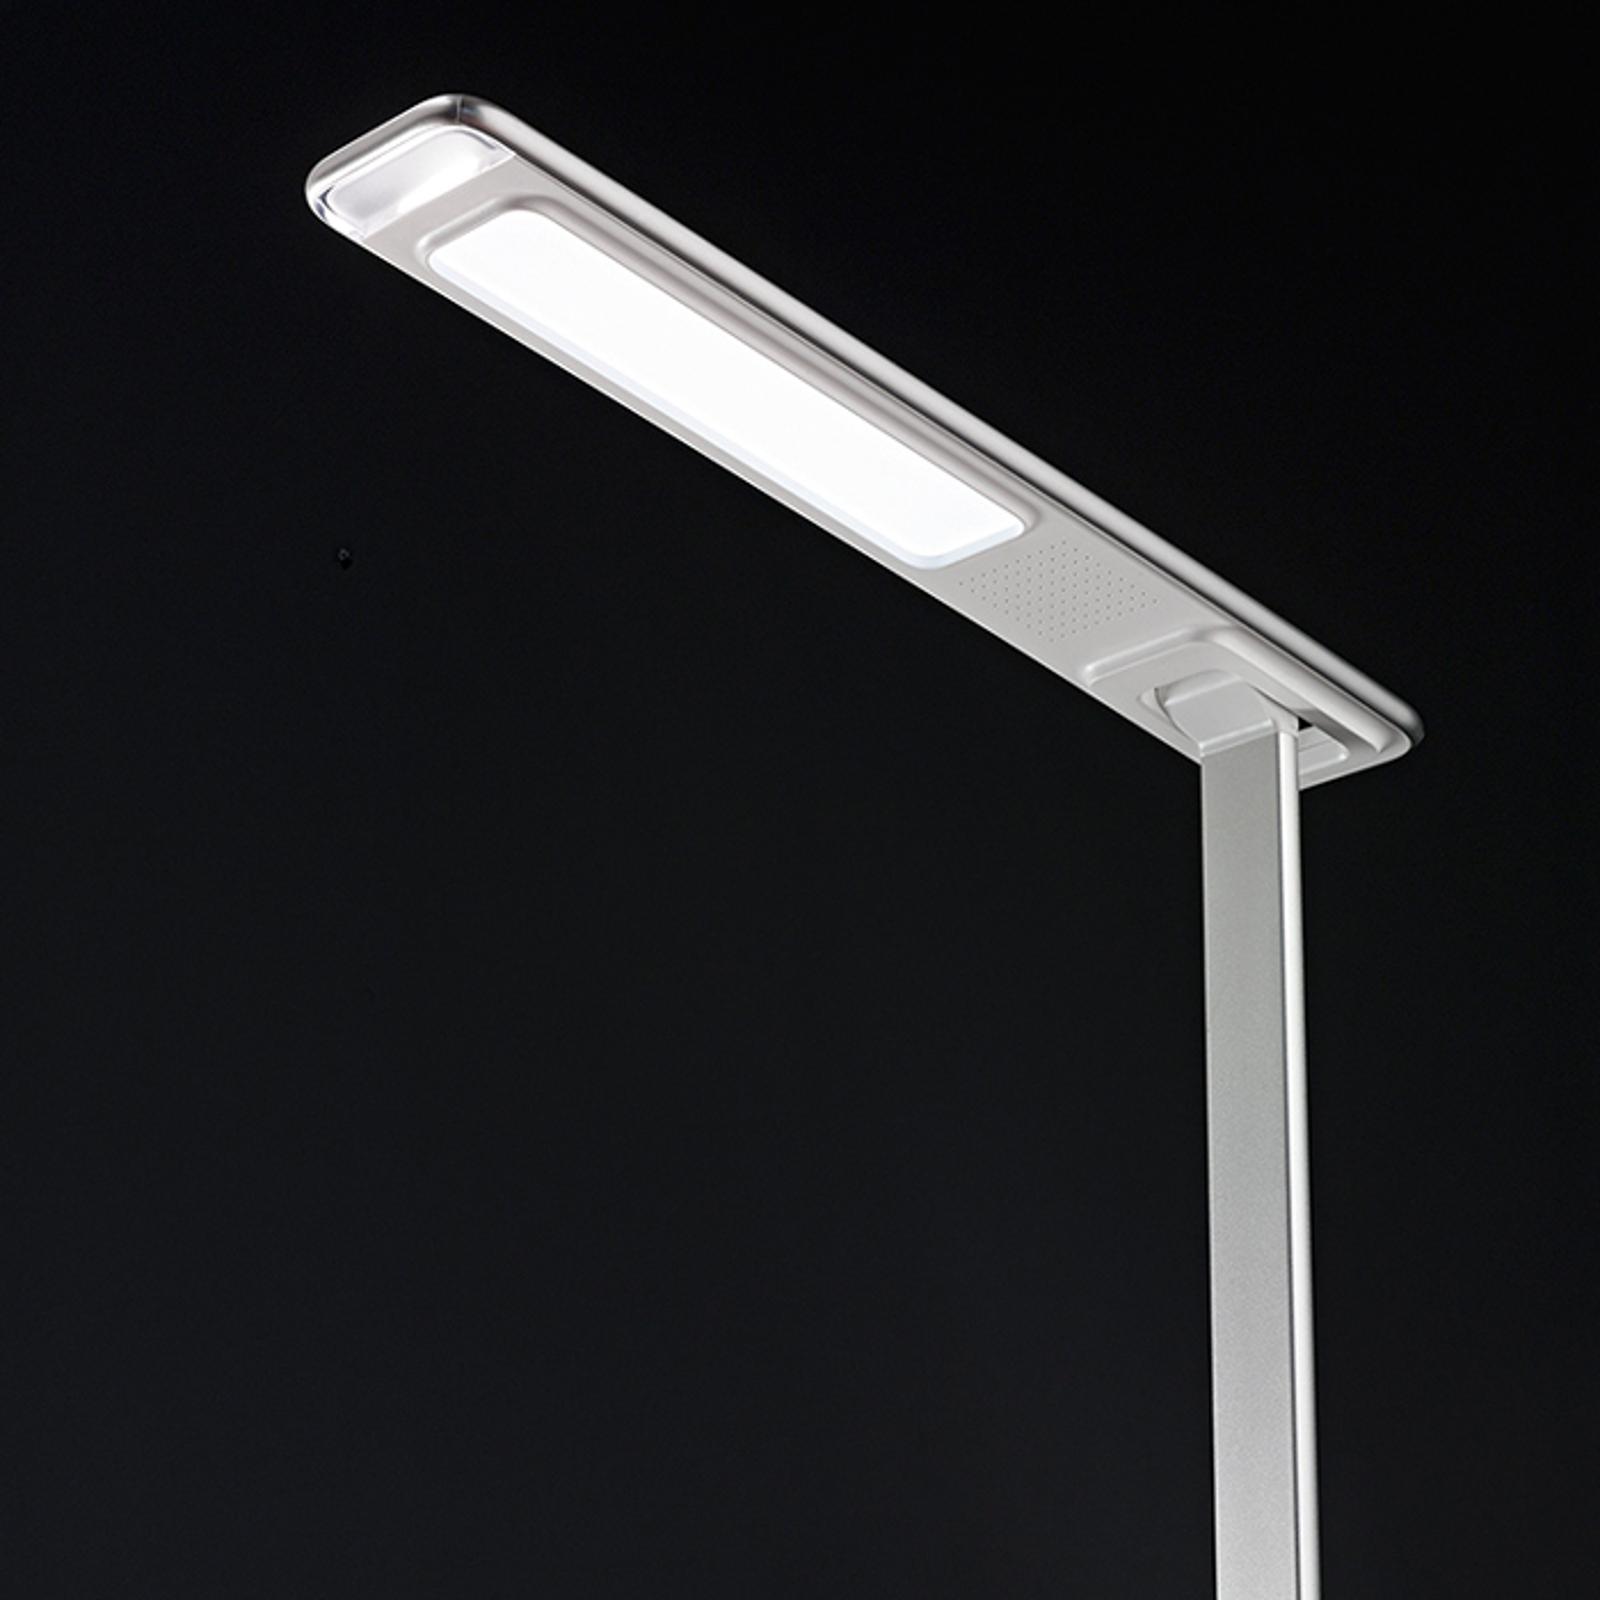 Lampka biurkowa LED Ivo z ładowarką indukcyjną